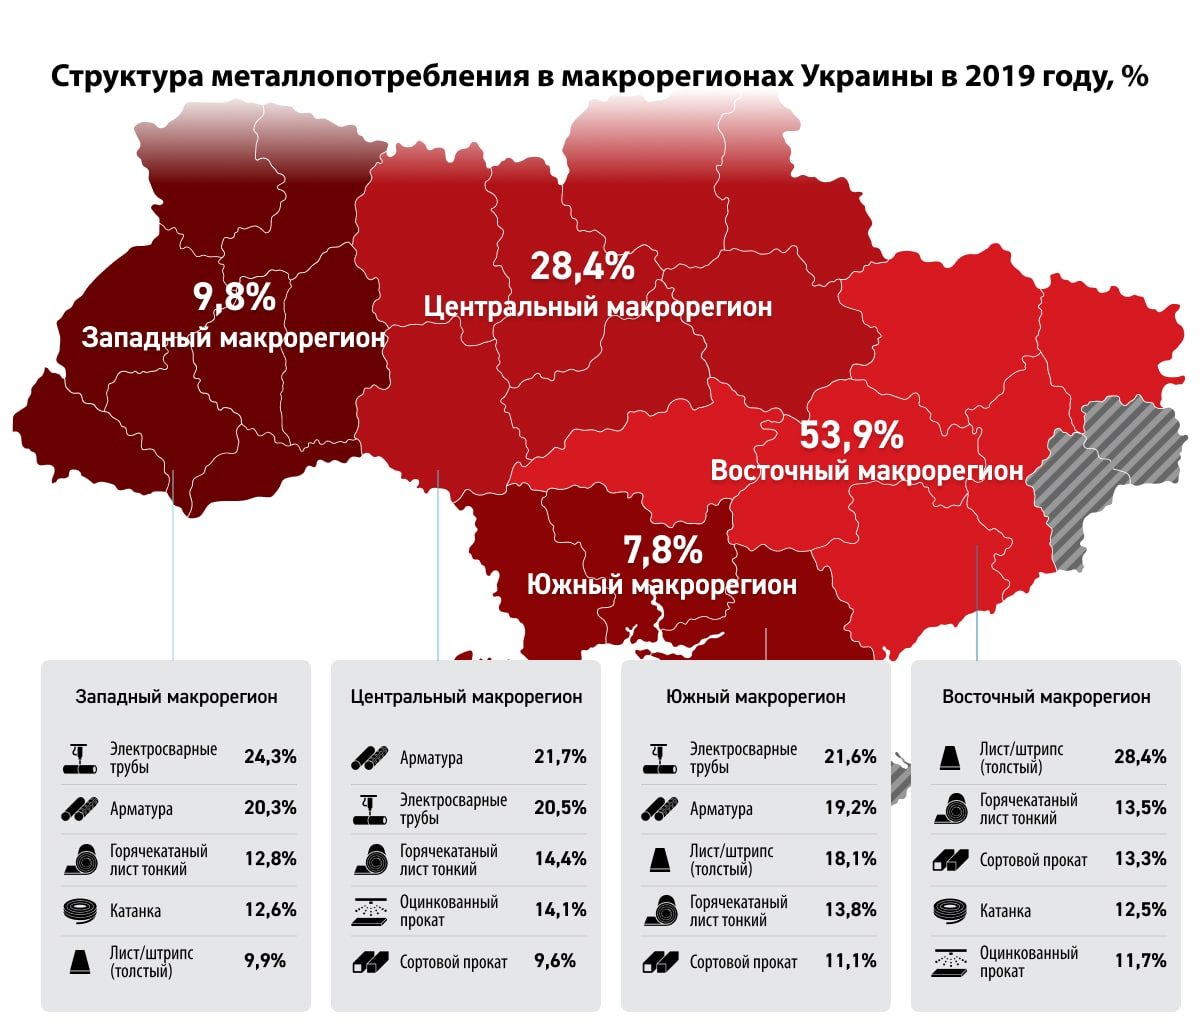 купить металл в Украине